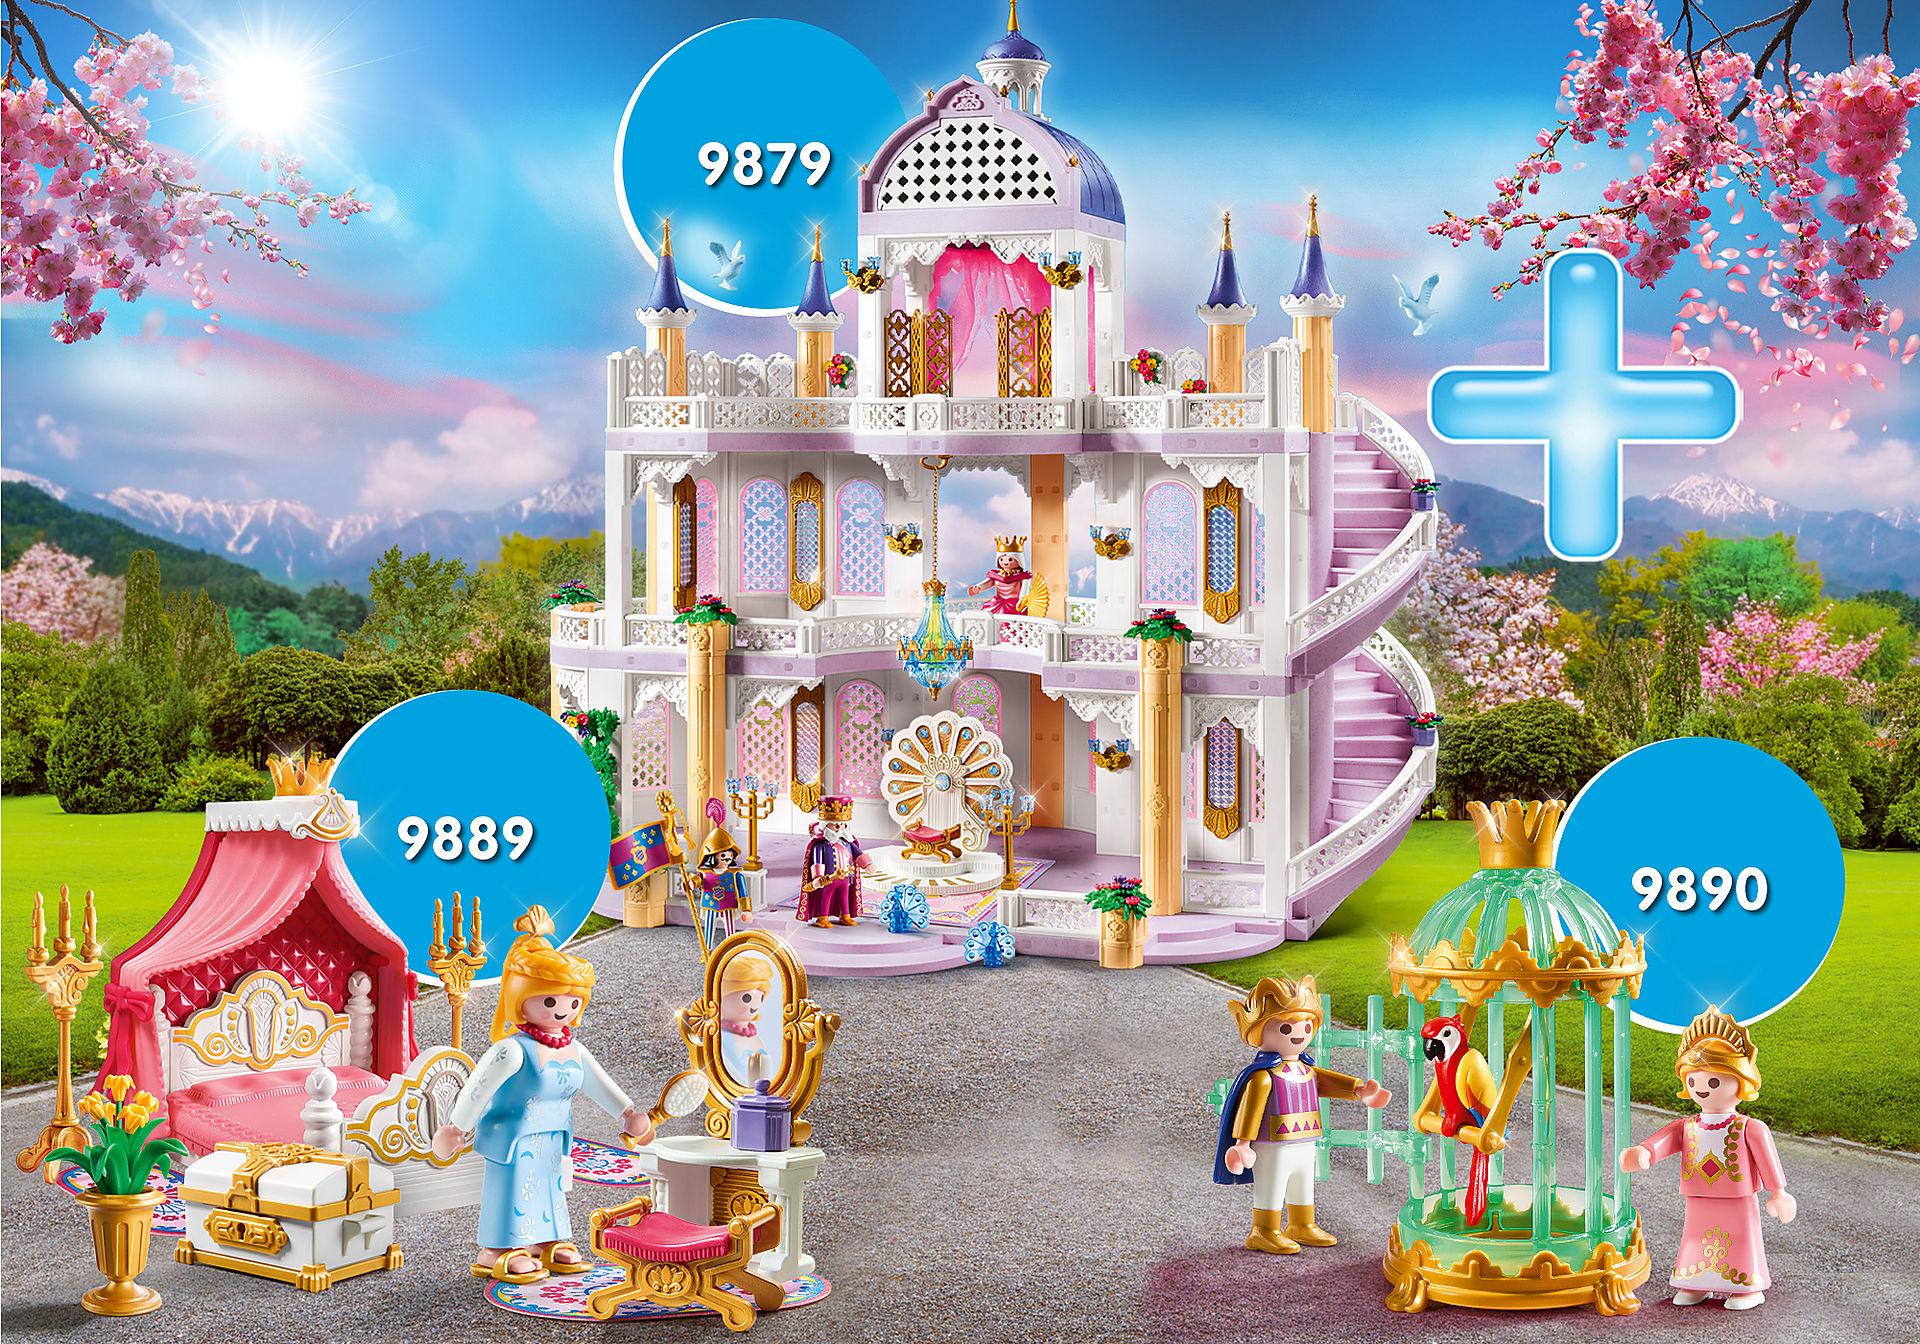 PM2010H Pack Promocional Castelo dos sonhos com crianças e princesa  zoom image1